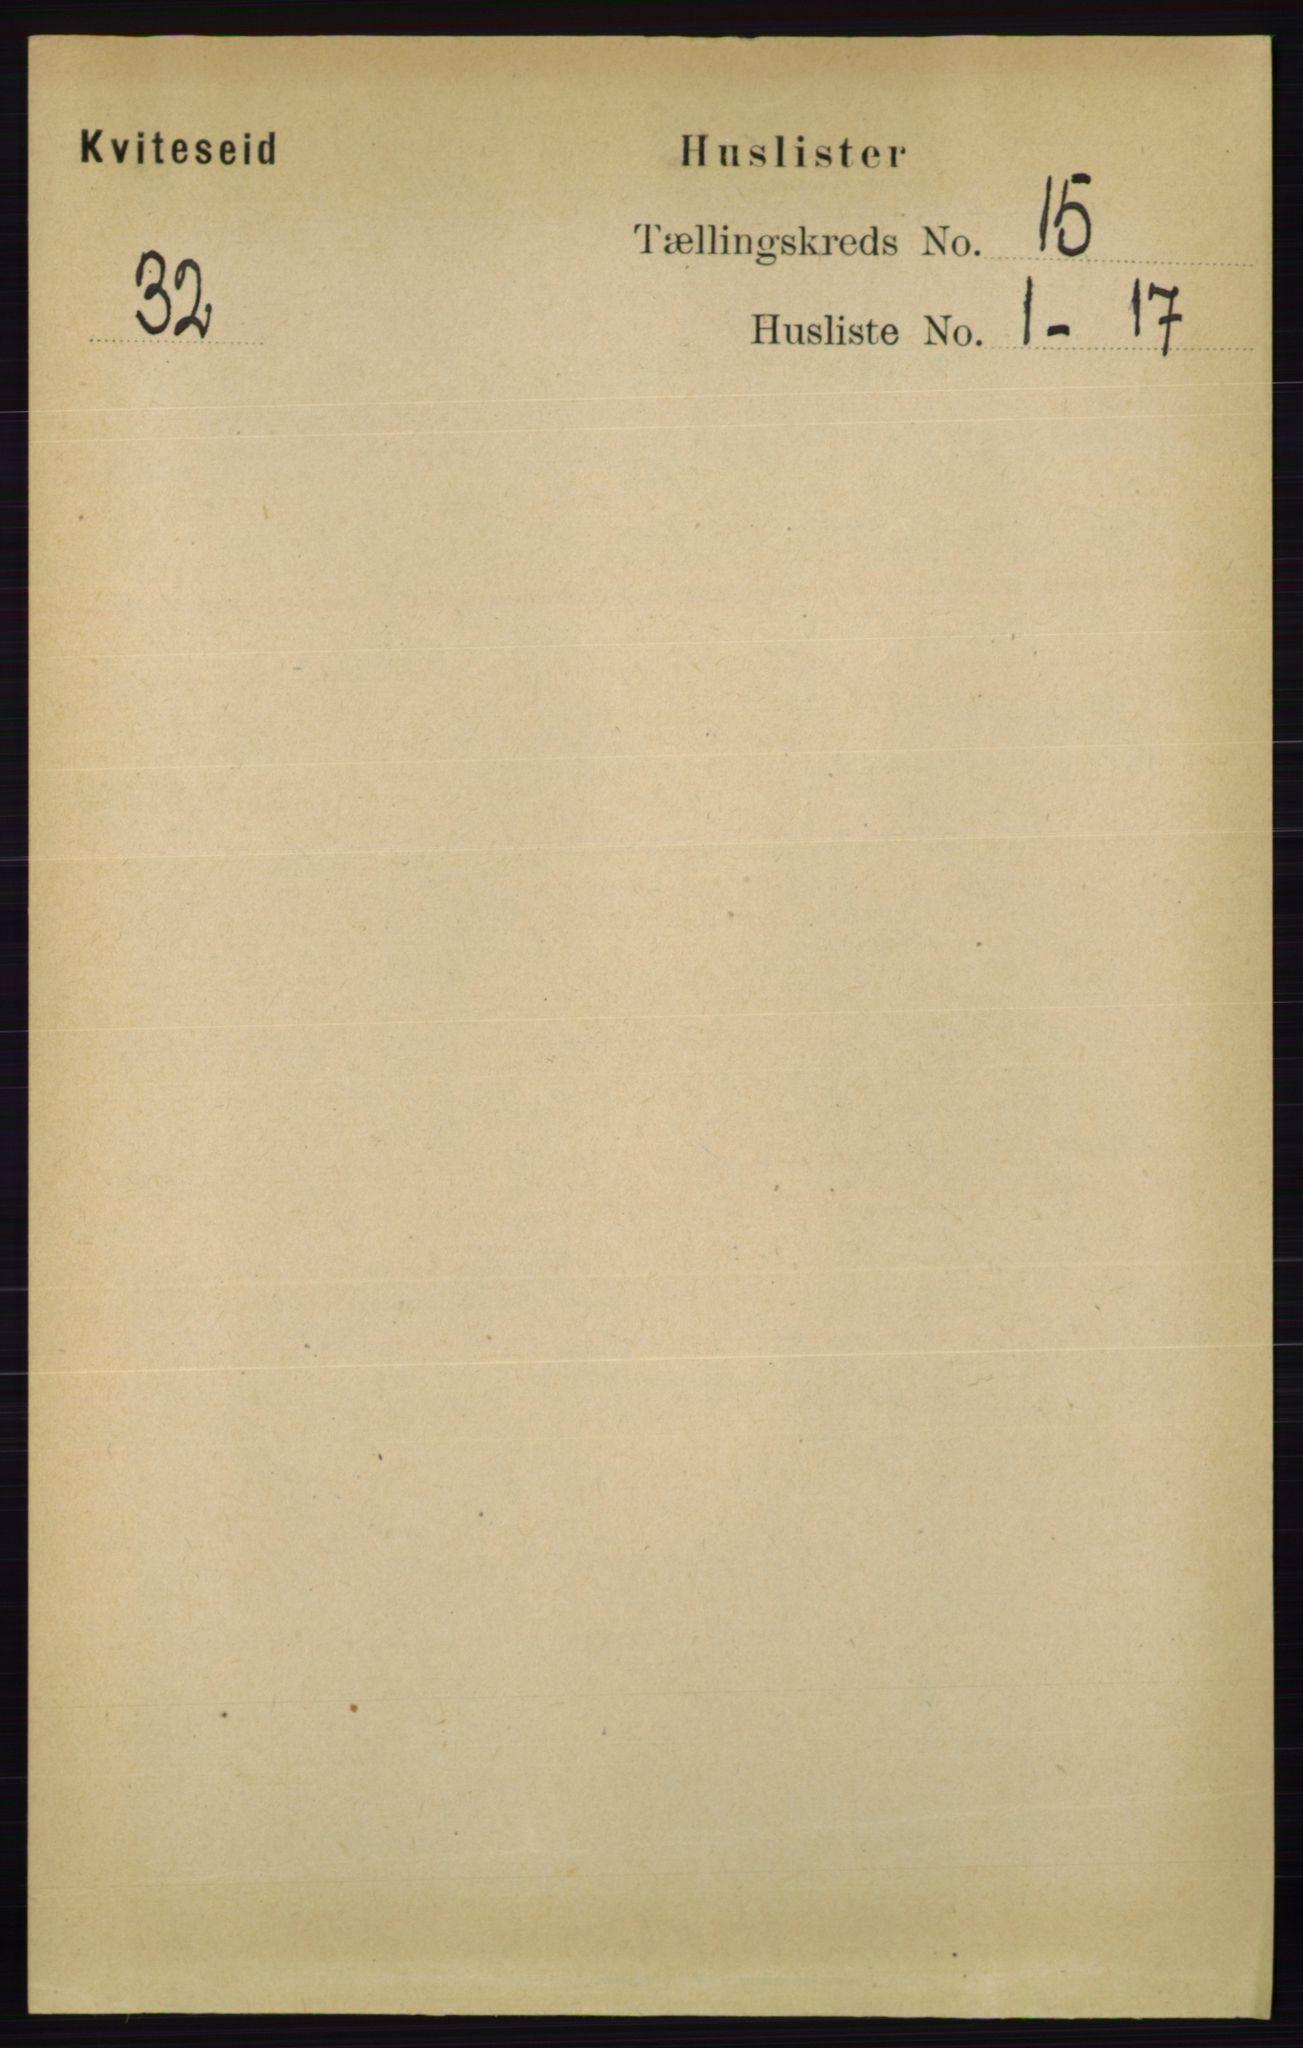 RA, Folketelling 1891 for 0829 Kviteseid herred, 1891, s. 3501